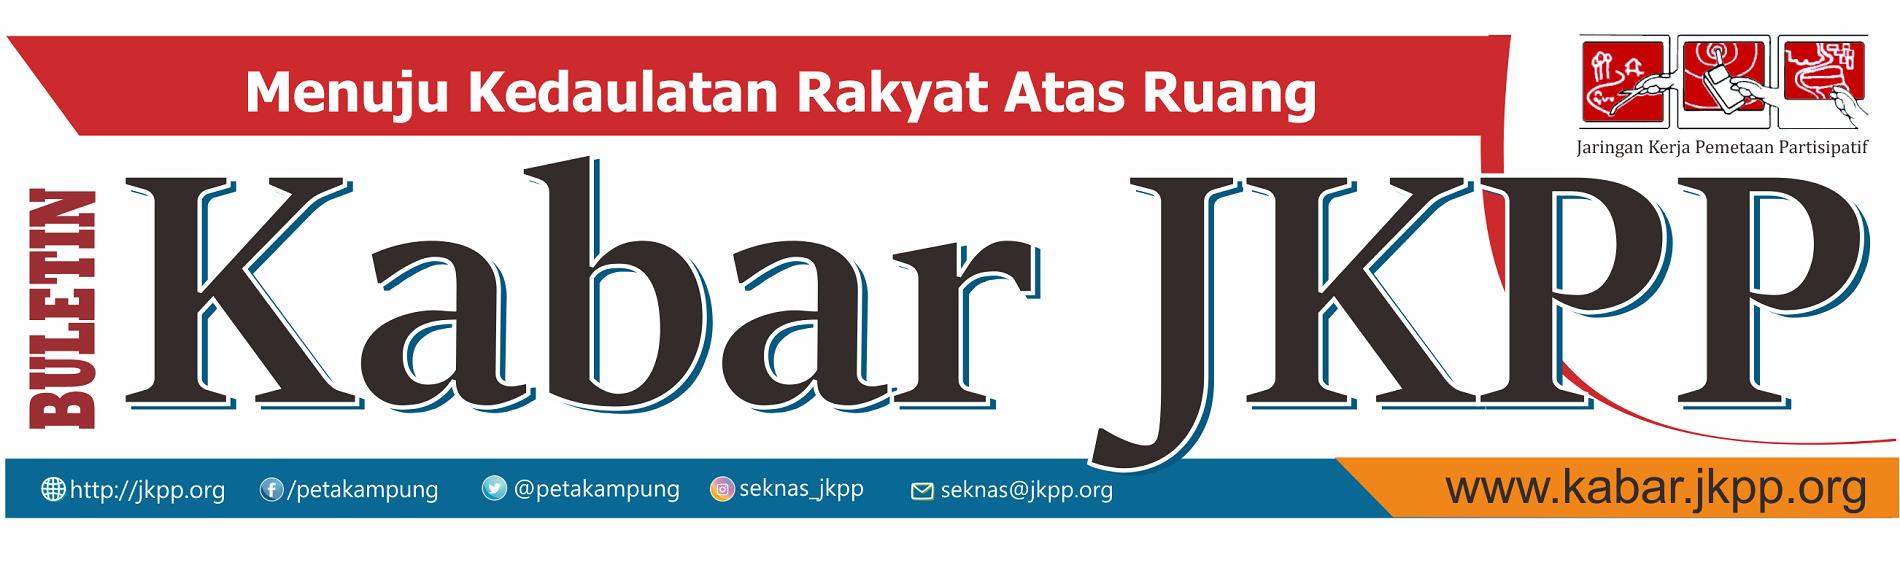 Kabar JKPP